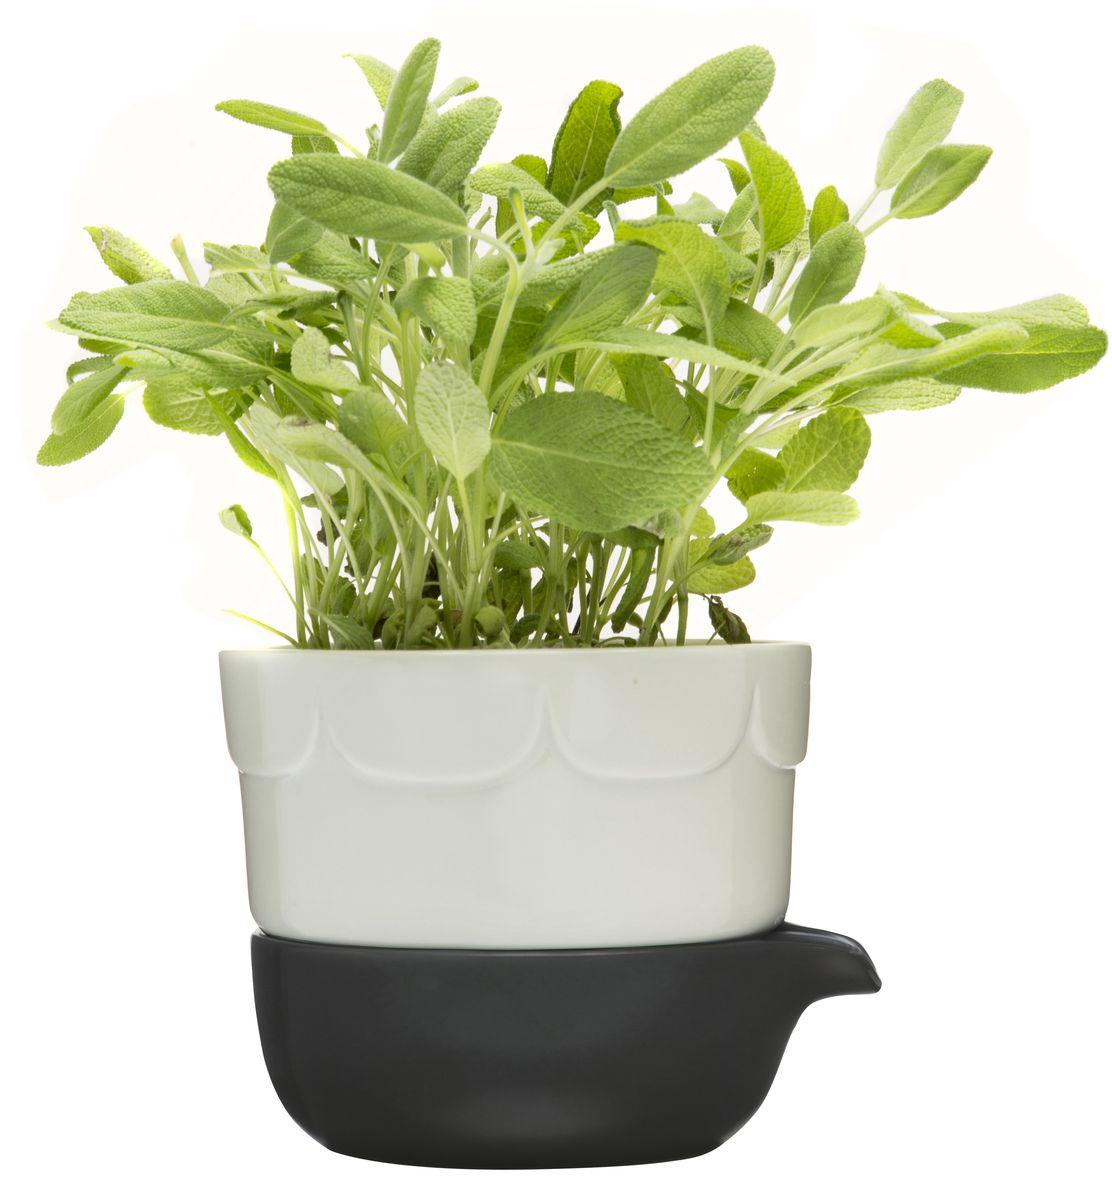 Двойной горшок для растений SAGAFORM. 50166635016663Стильный горшок для растений. Материал: керамика; цвет: серый, белый; размер: 13x11x13